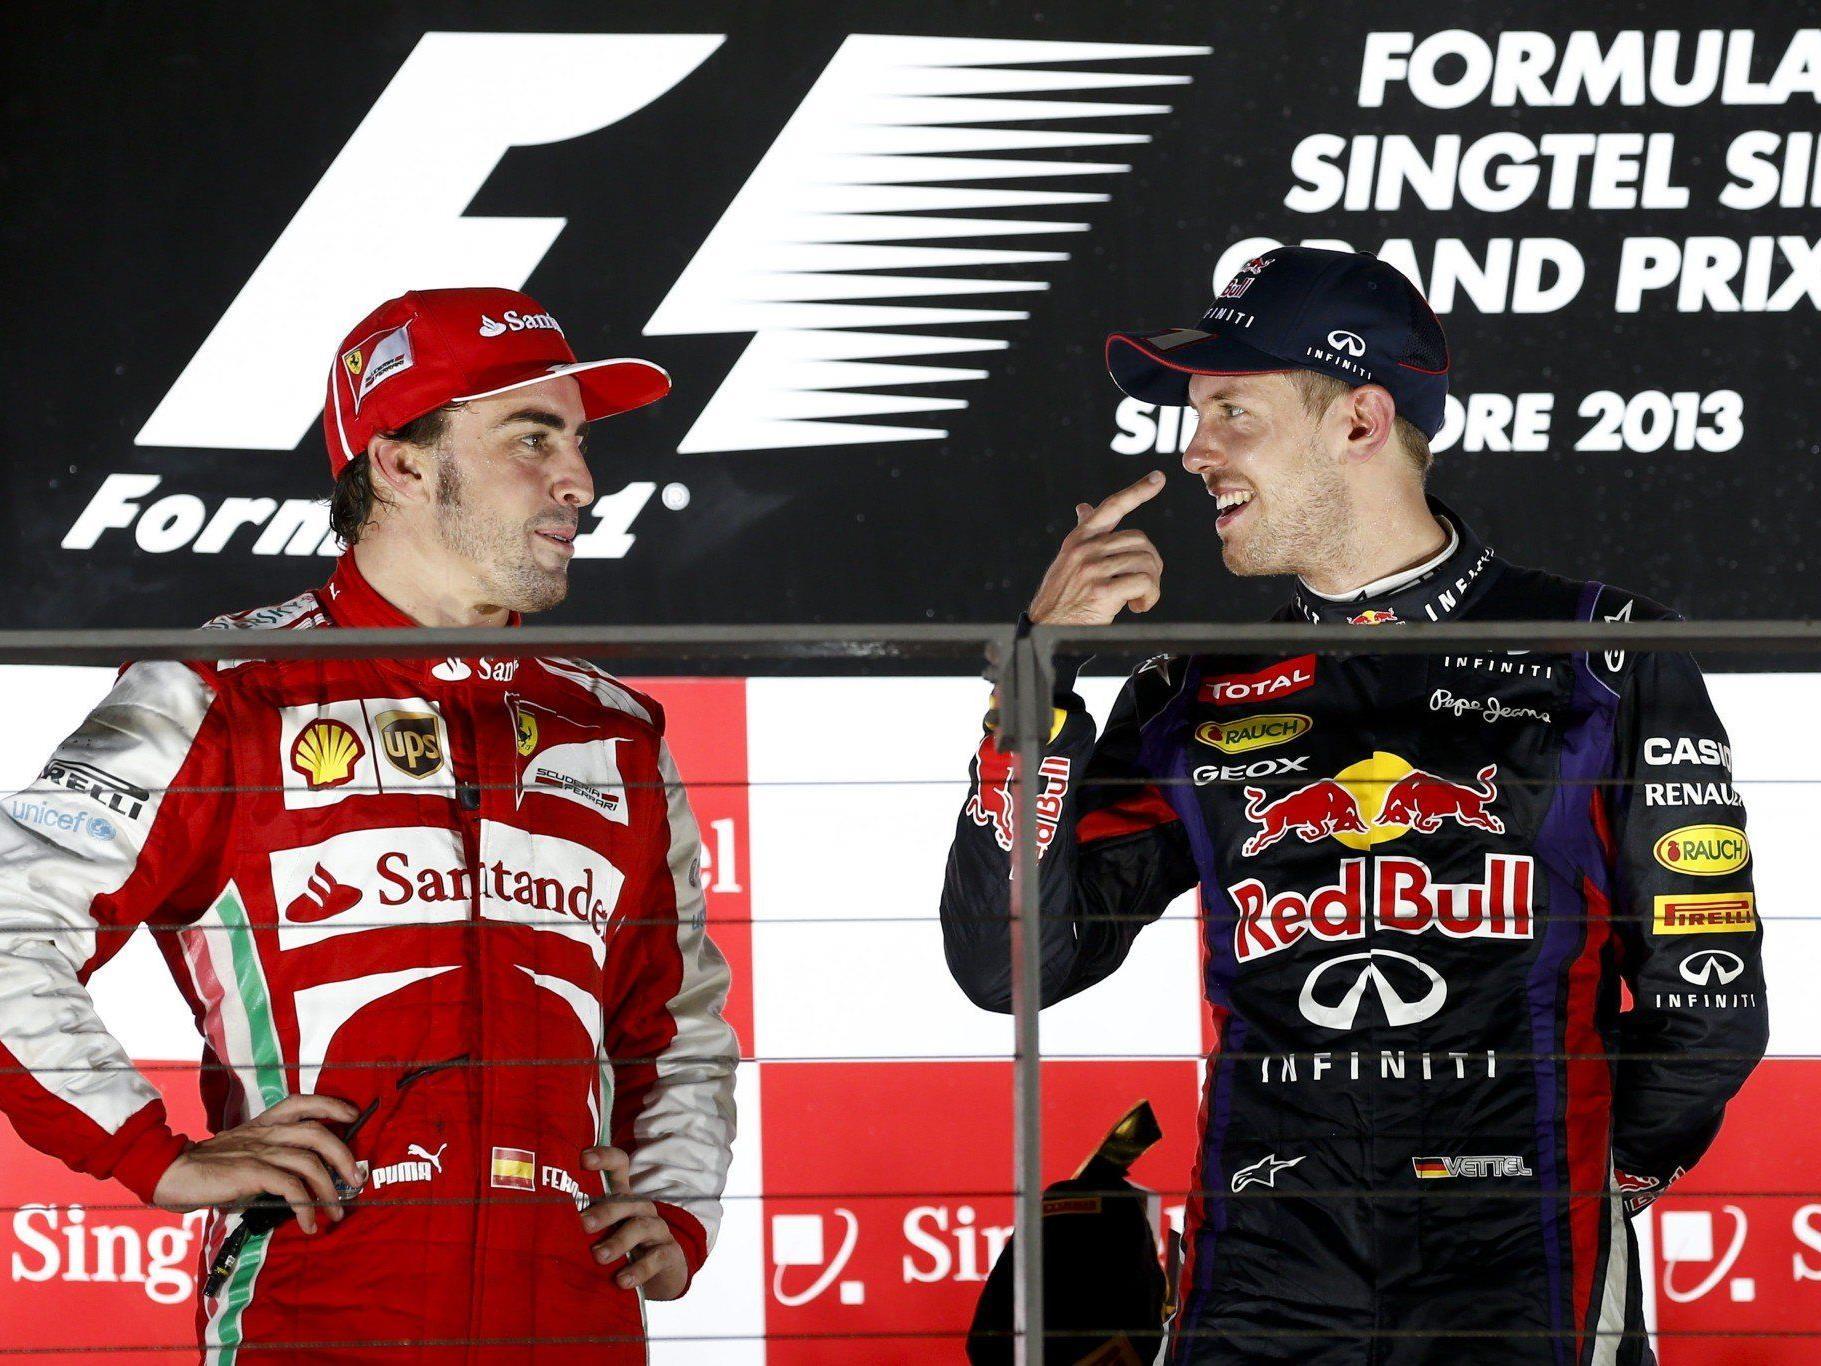 Für Hamilton sind in der kommenden Saison Alonso und Räikkönen die beste Fahrerpaarung.